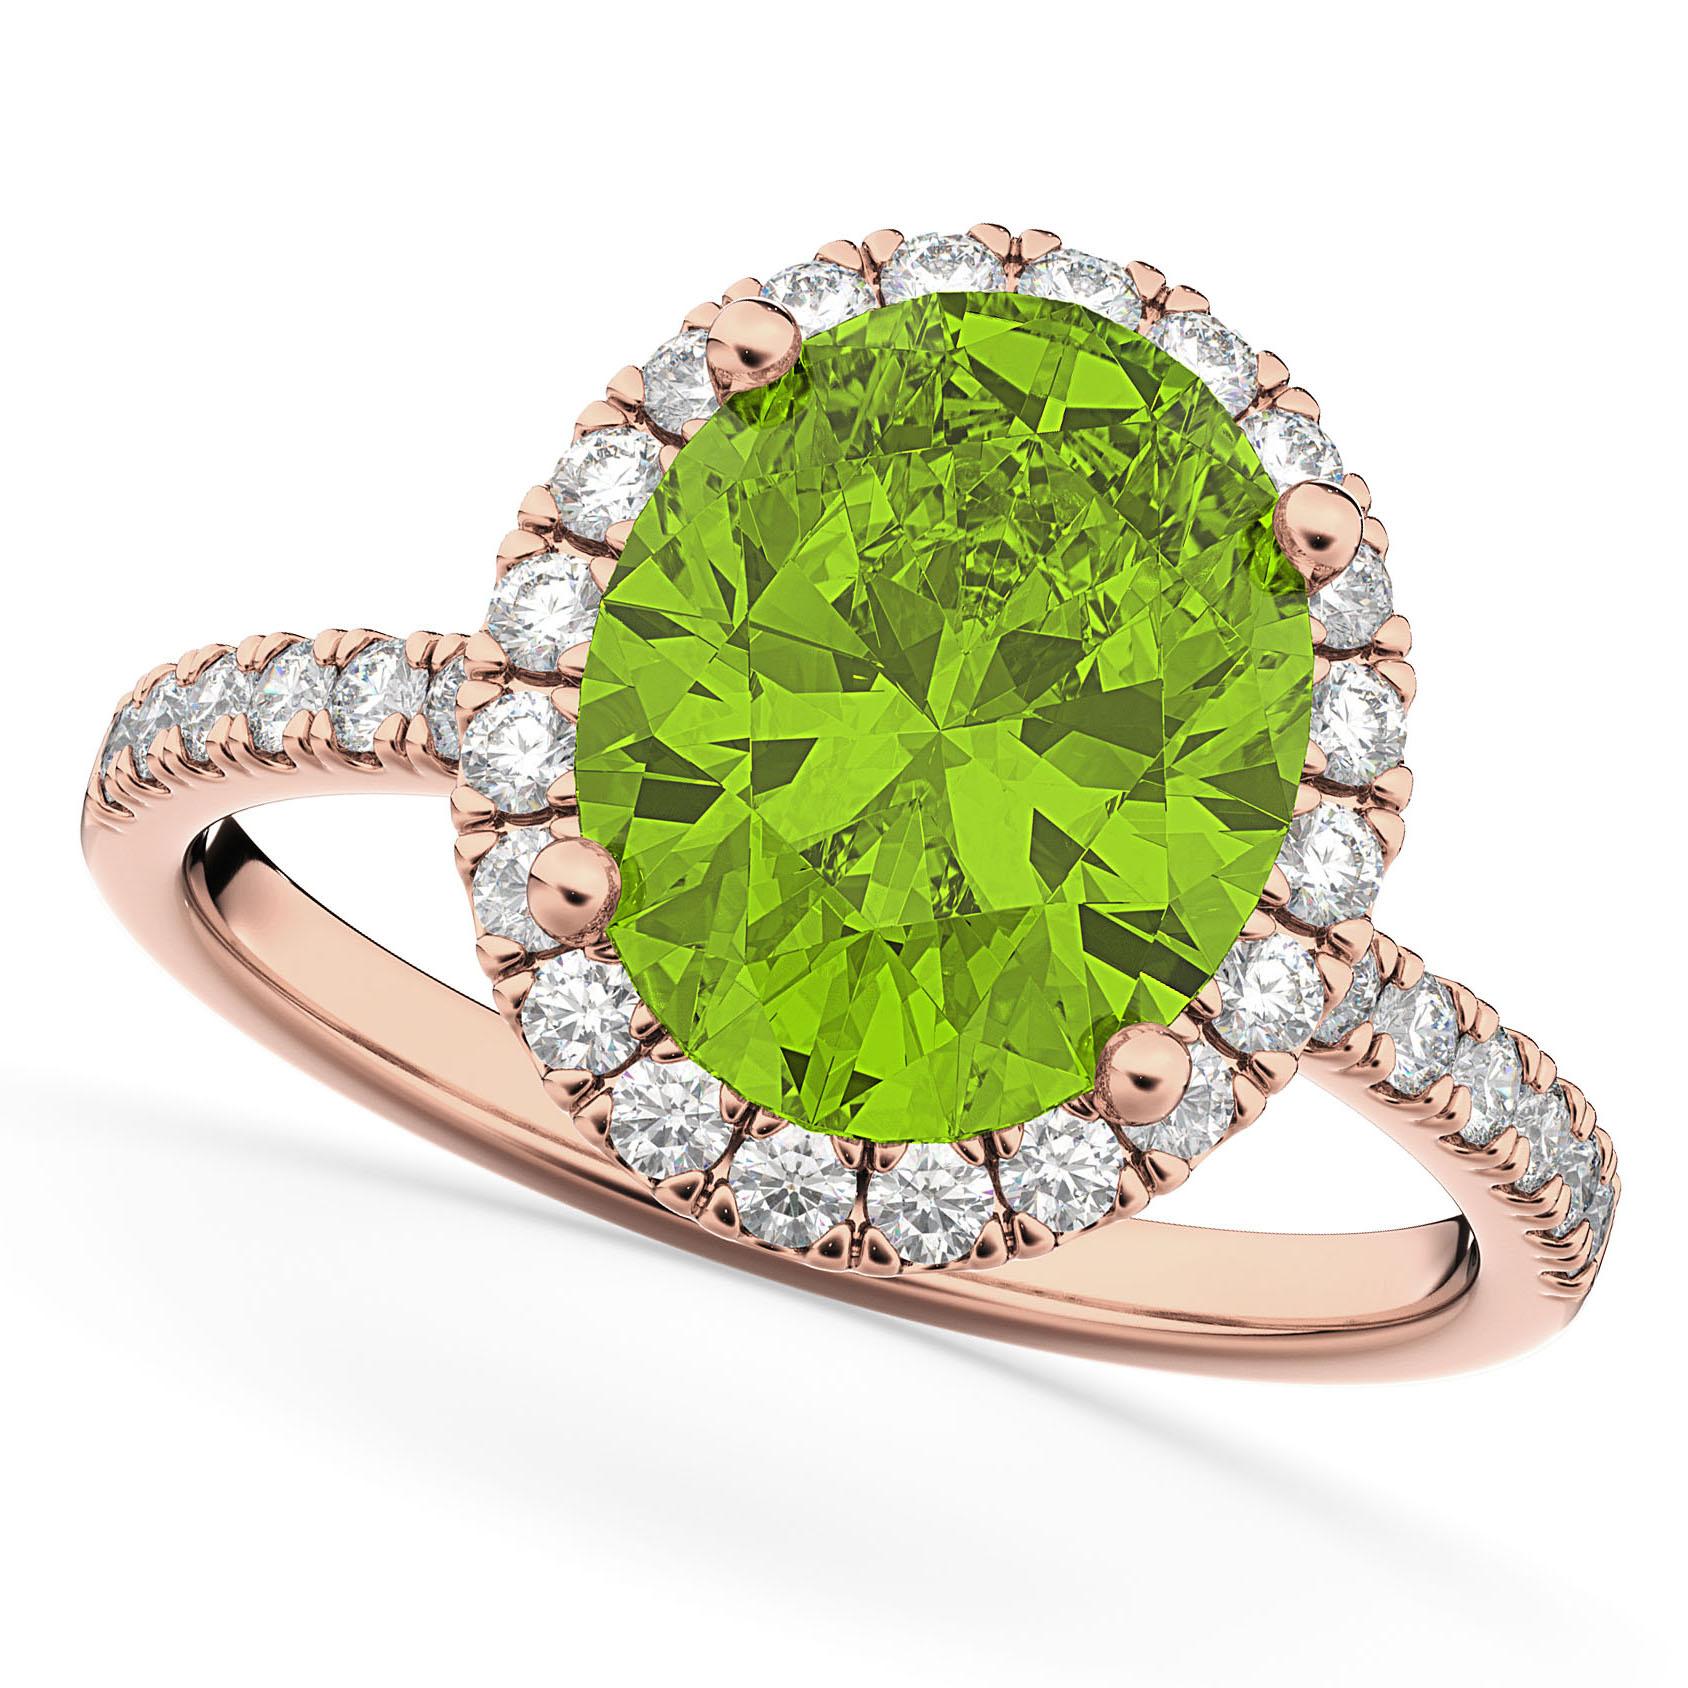 Oval Cut Halo Peridot & Diamond Engagement Ring 14K Rose